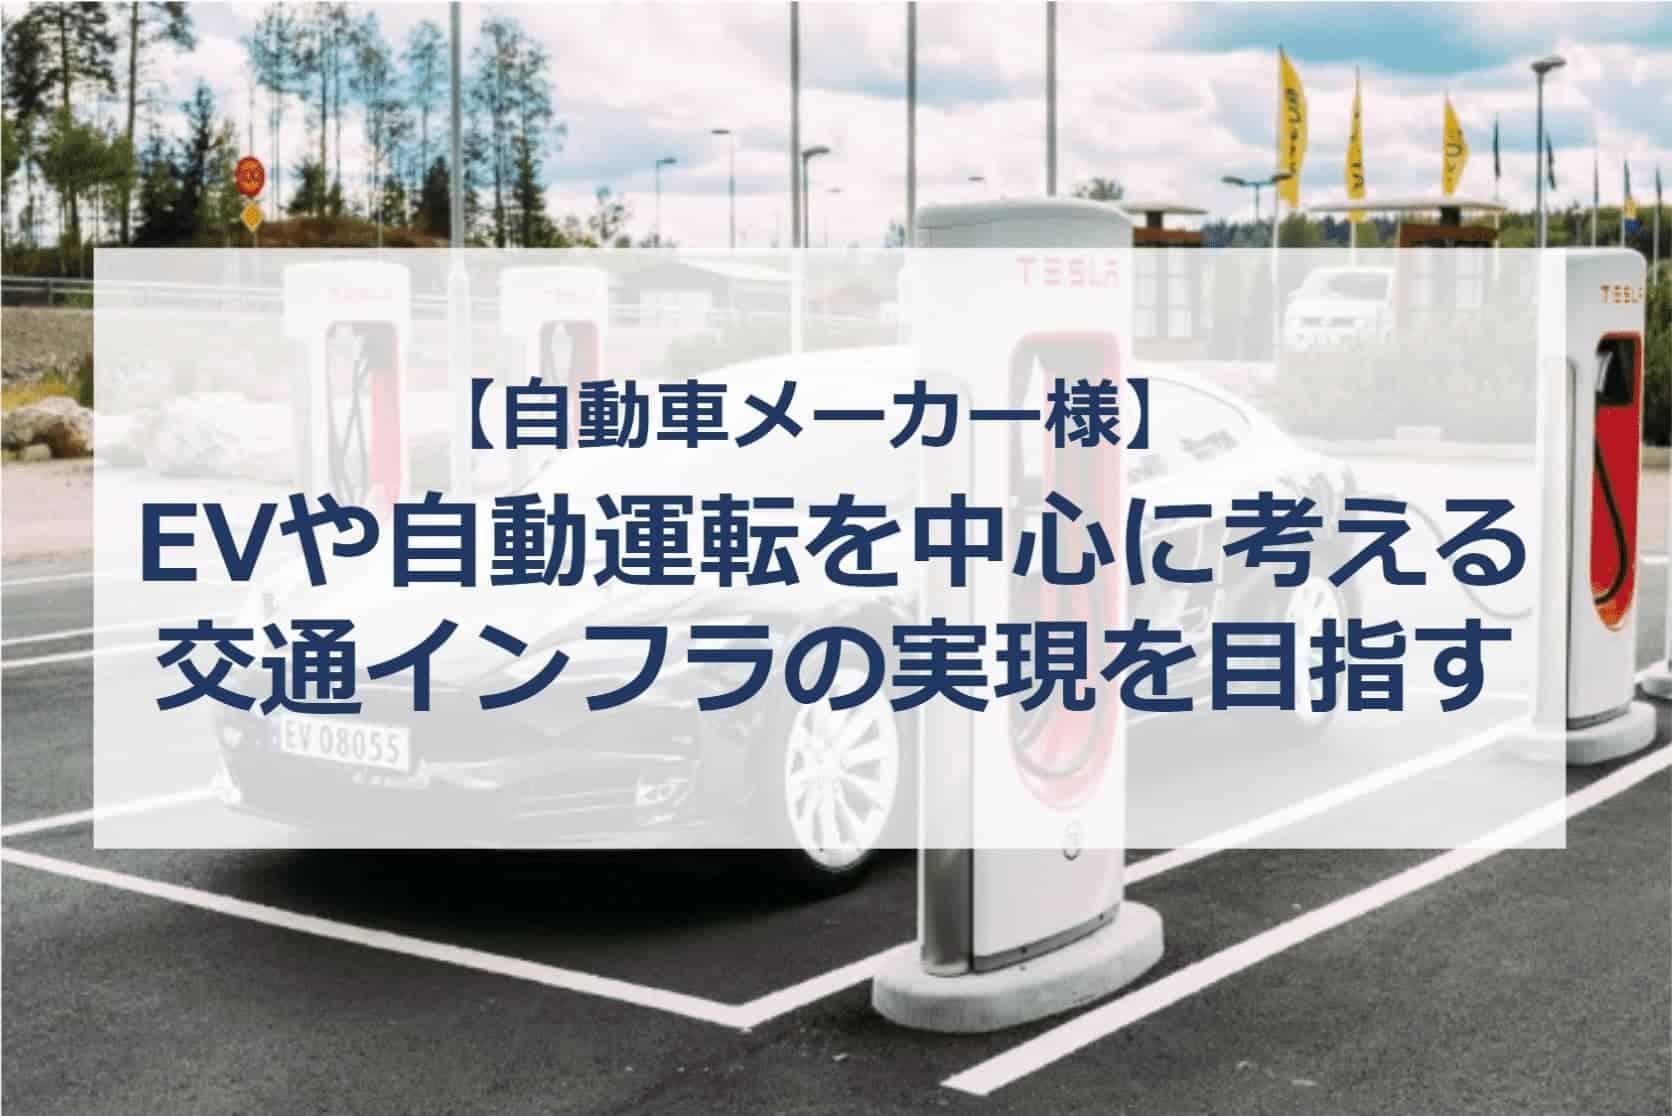 自動車メーカー様が交通インフラの実現を目指す